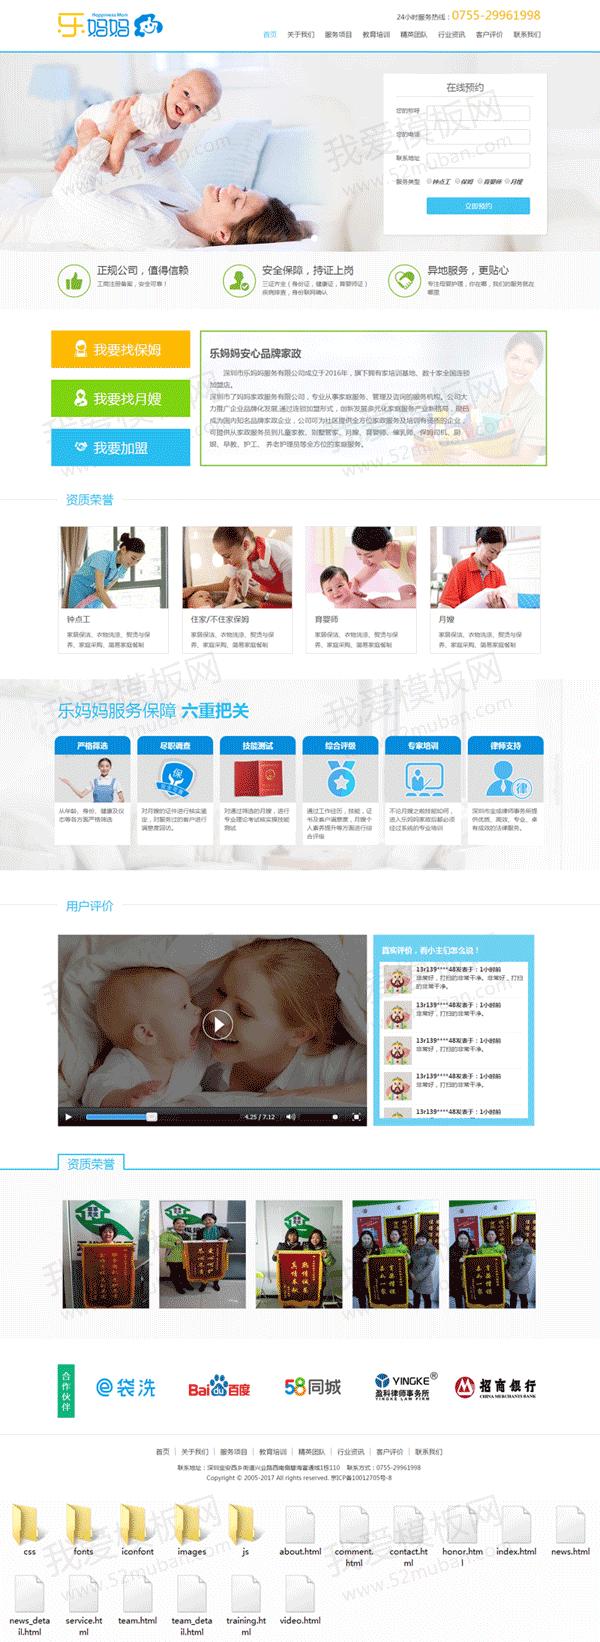 蓝色大气的家政服务公司网站响应式模板